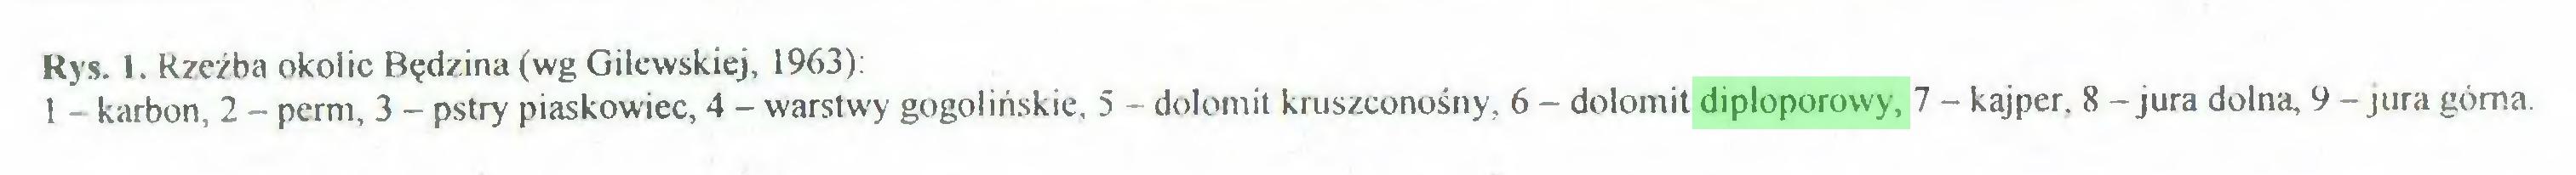 (...) Rys. 1. Rzeźba okolic Będzina (wg Gilewskiej, 1963): 1 - karbon, 2 - perm, 3 - pstry piaskowiec, 4 - warstwy gogolińskie, 5 - dolomit kruszconośny, 6 - dolomit diploporowy, 7 - kajper, 8 -jura dolna, 9 - jura górna...